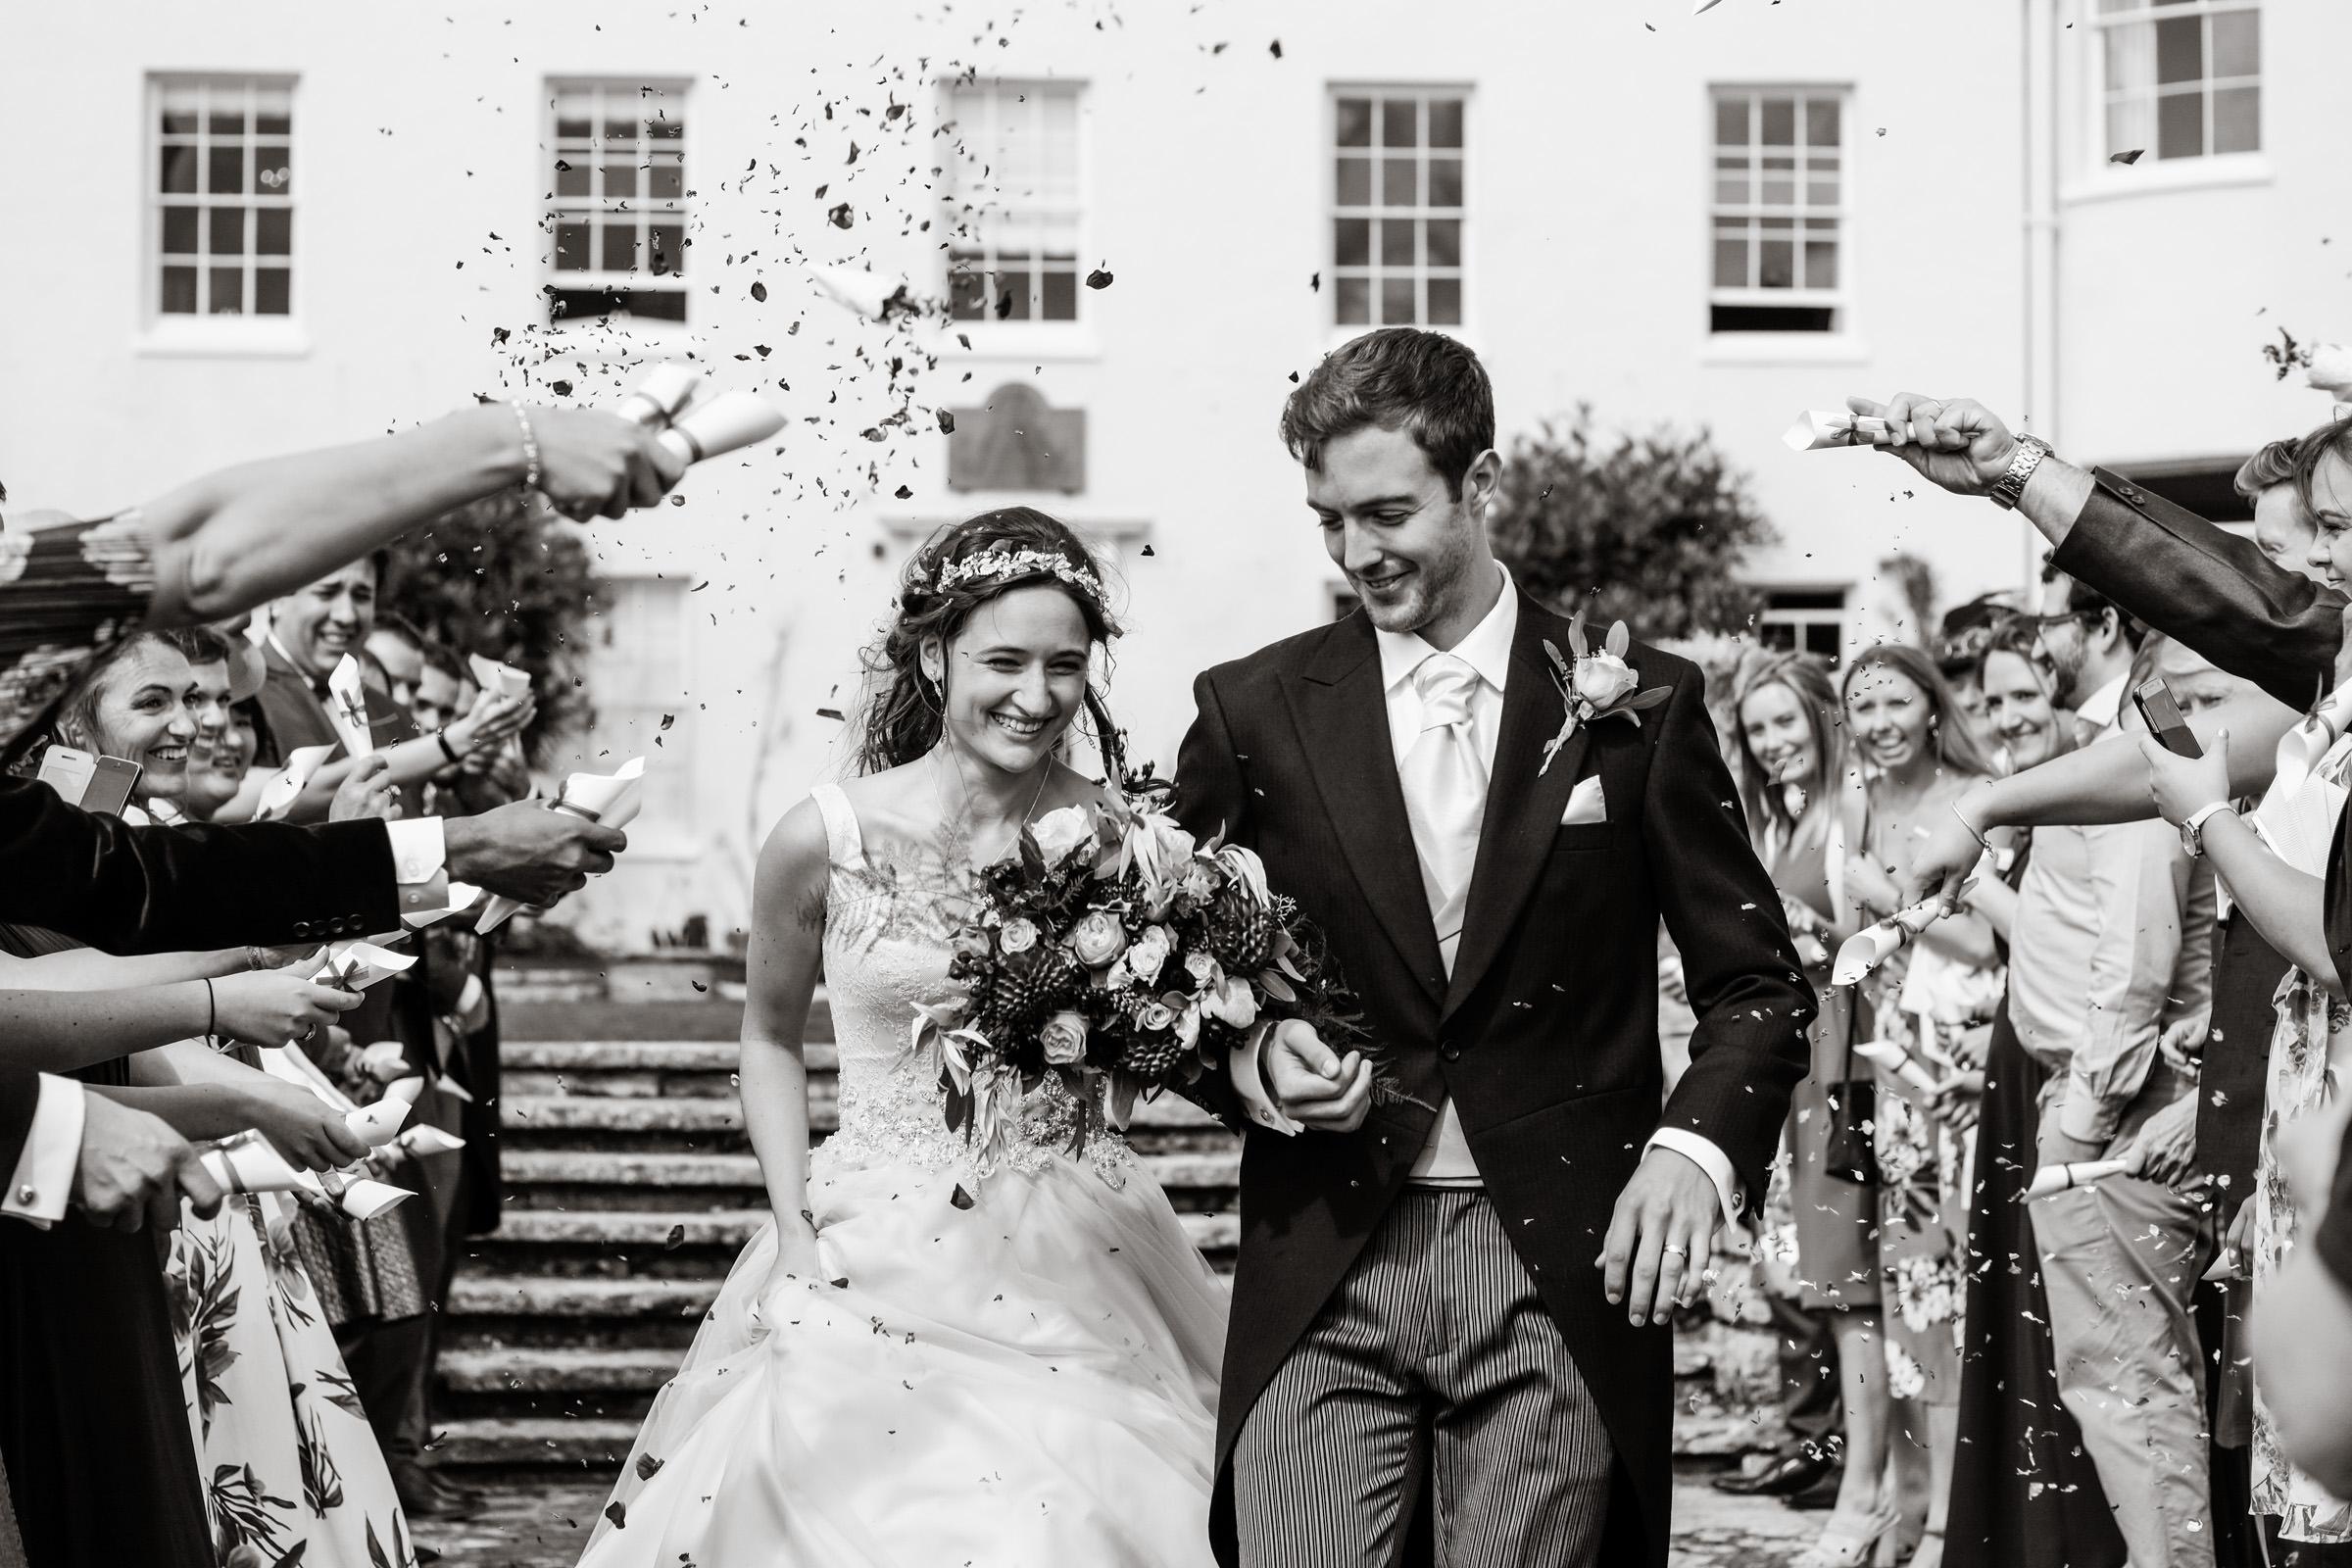 Rockbeare+Manor+Wedding+Photos+Devon+019.jpg